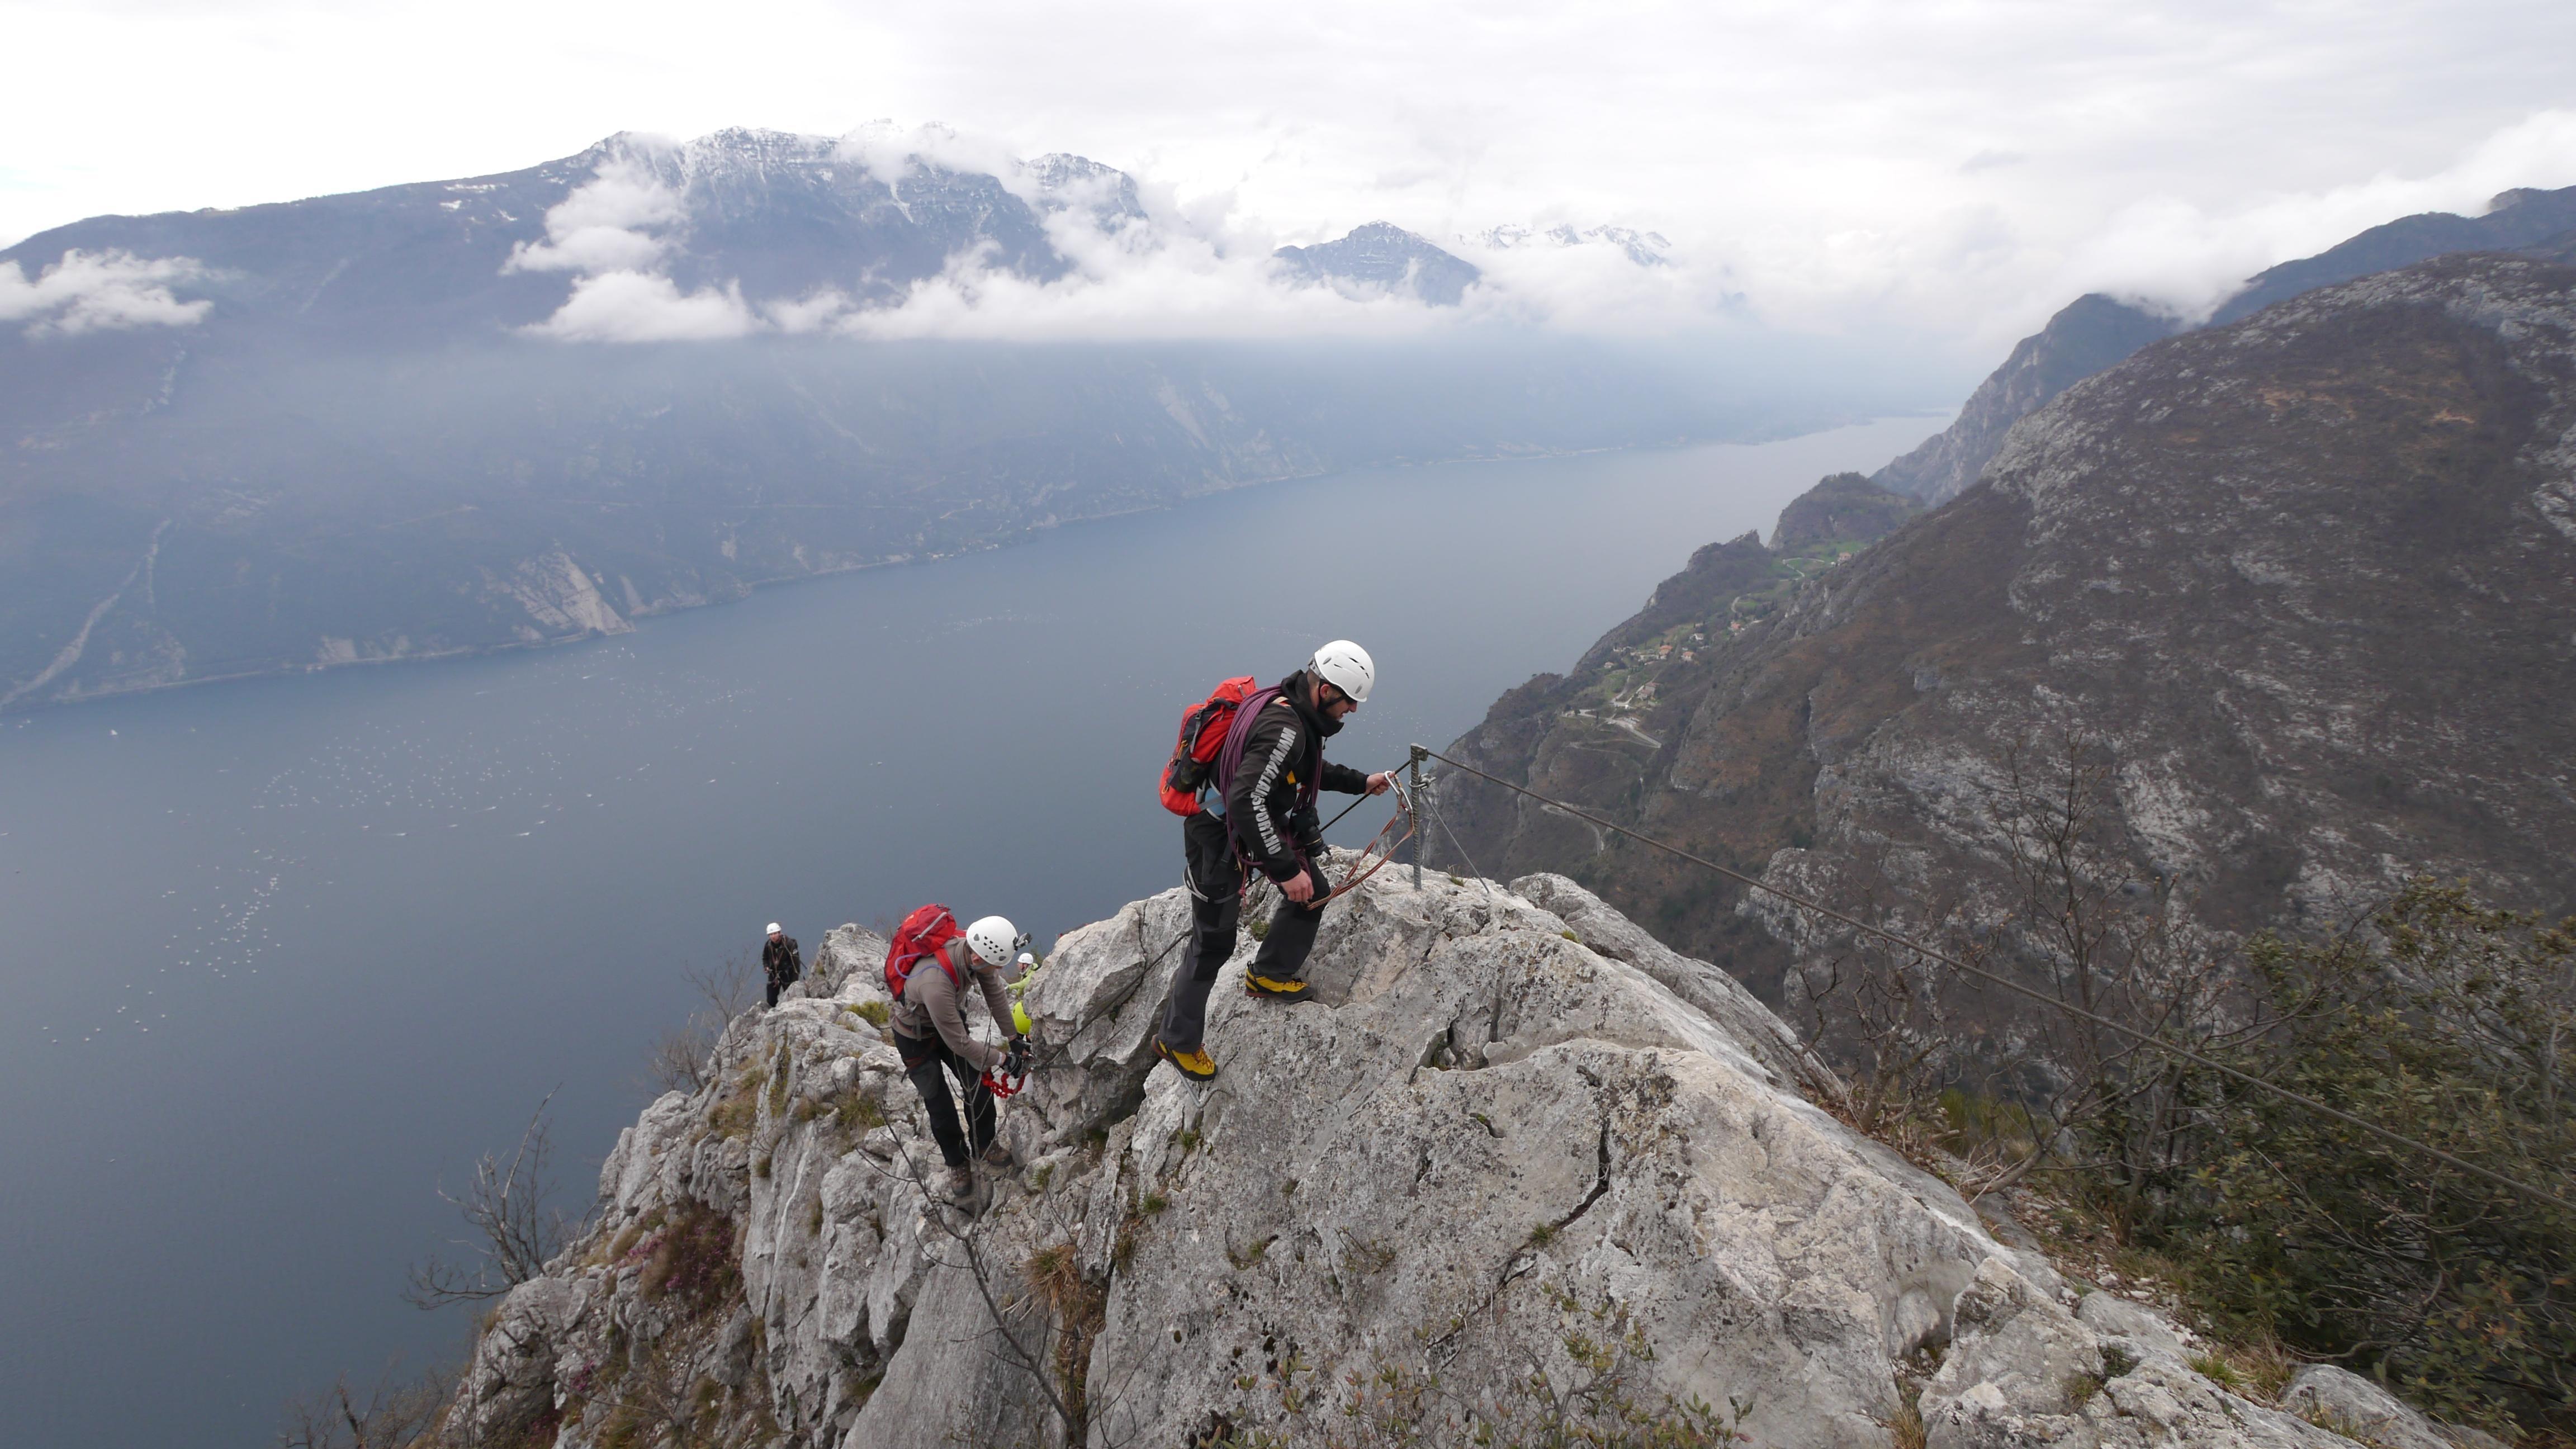 Klettersteige Gardasee : Die schönsten klettersteige am gardasee